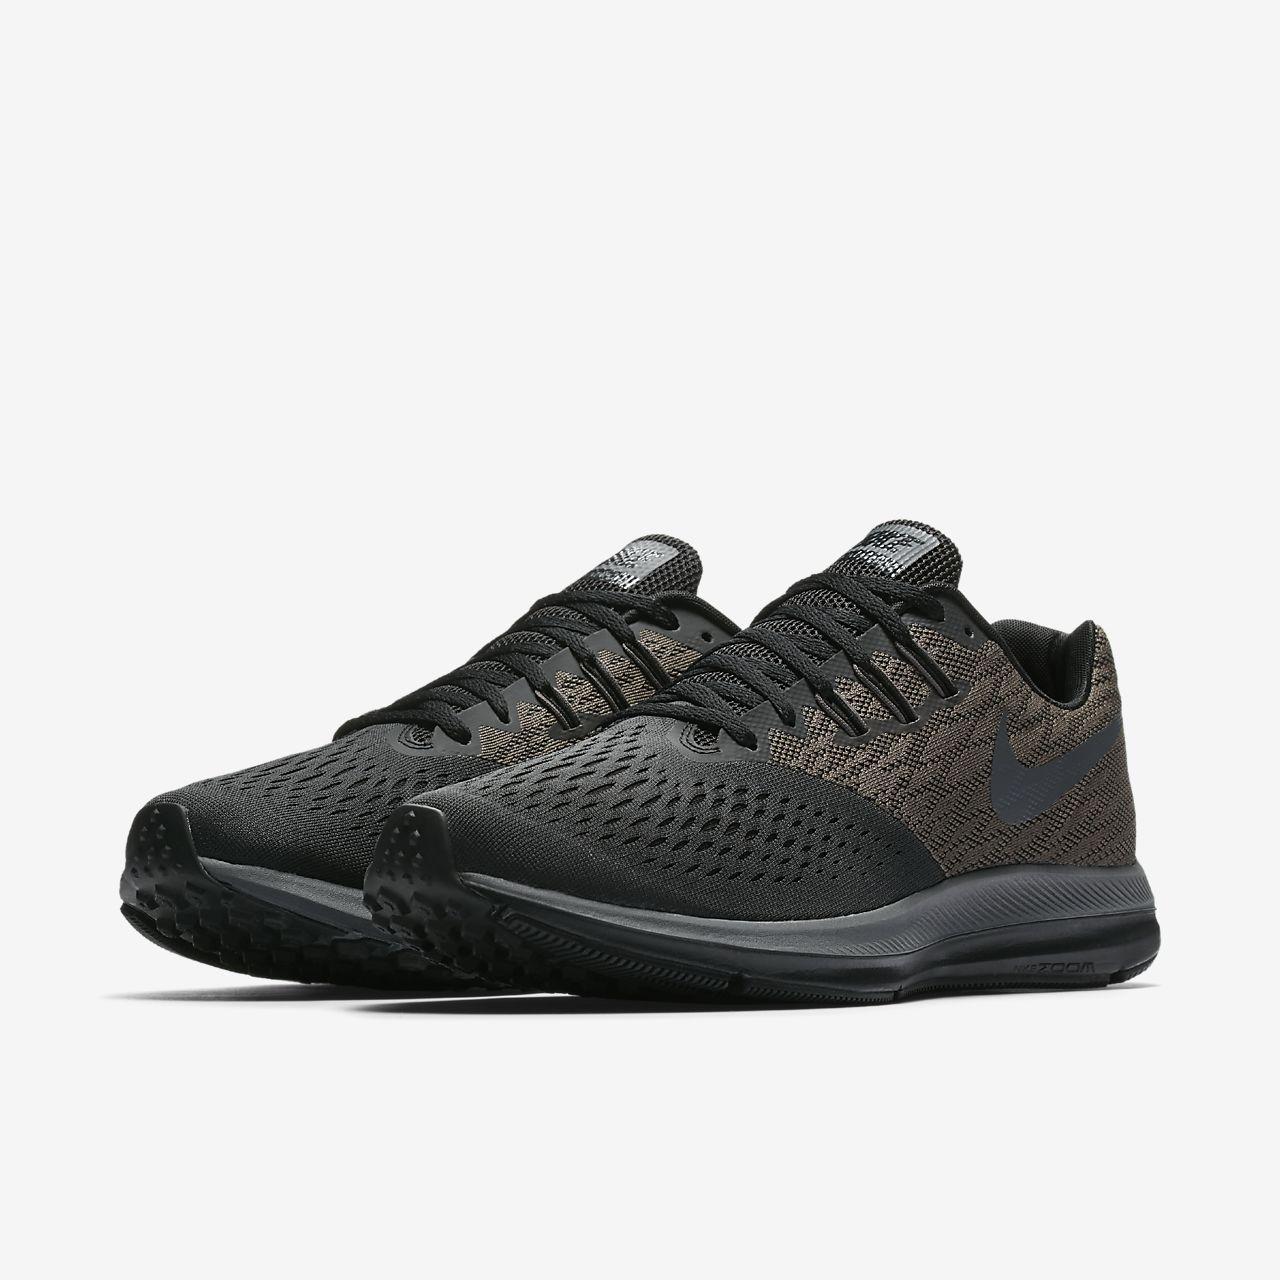 98009a1a1e5b76 Nike Zoom Winflo 4 Men s Running Shoe. Nike.com AU